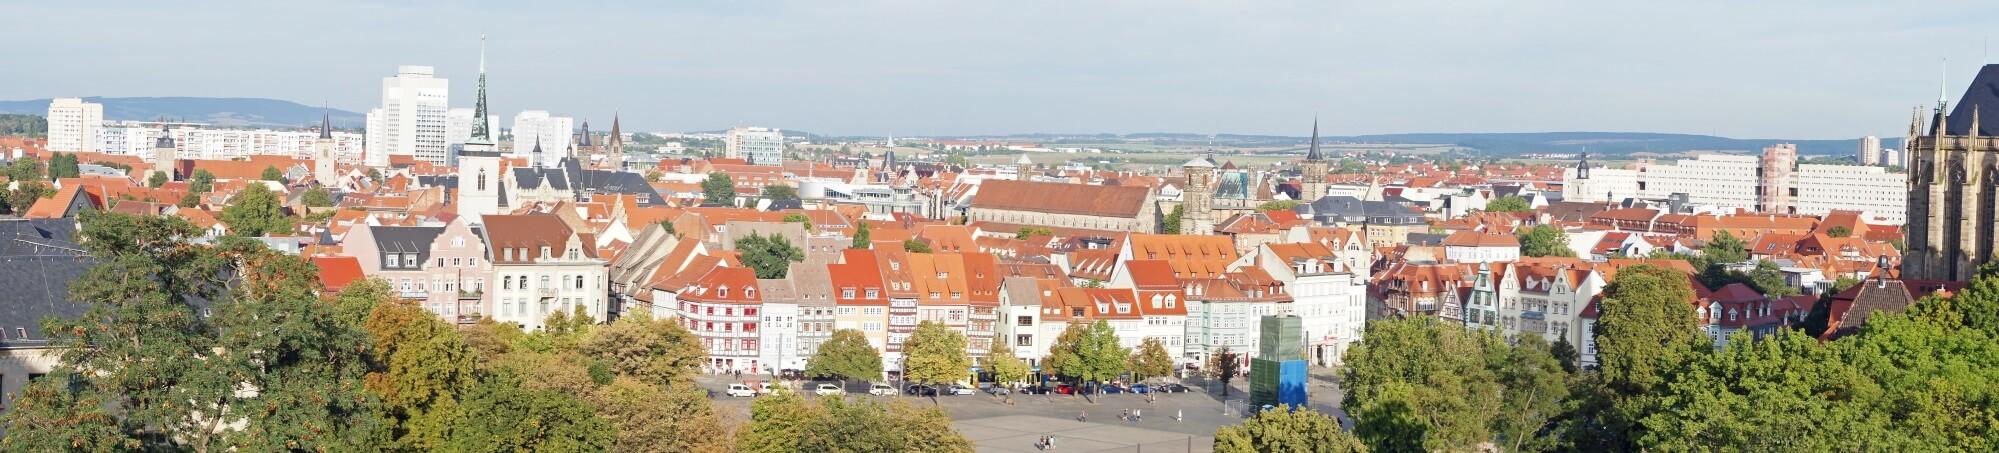 Erfurt Outdoor Panorama